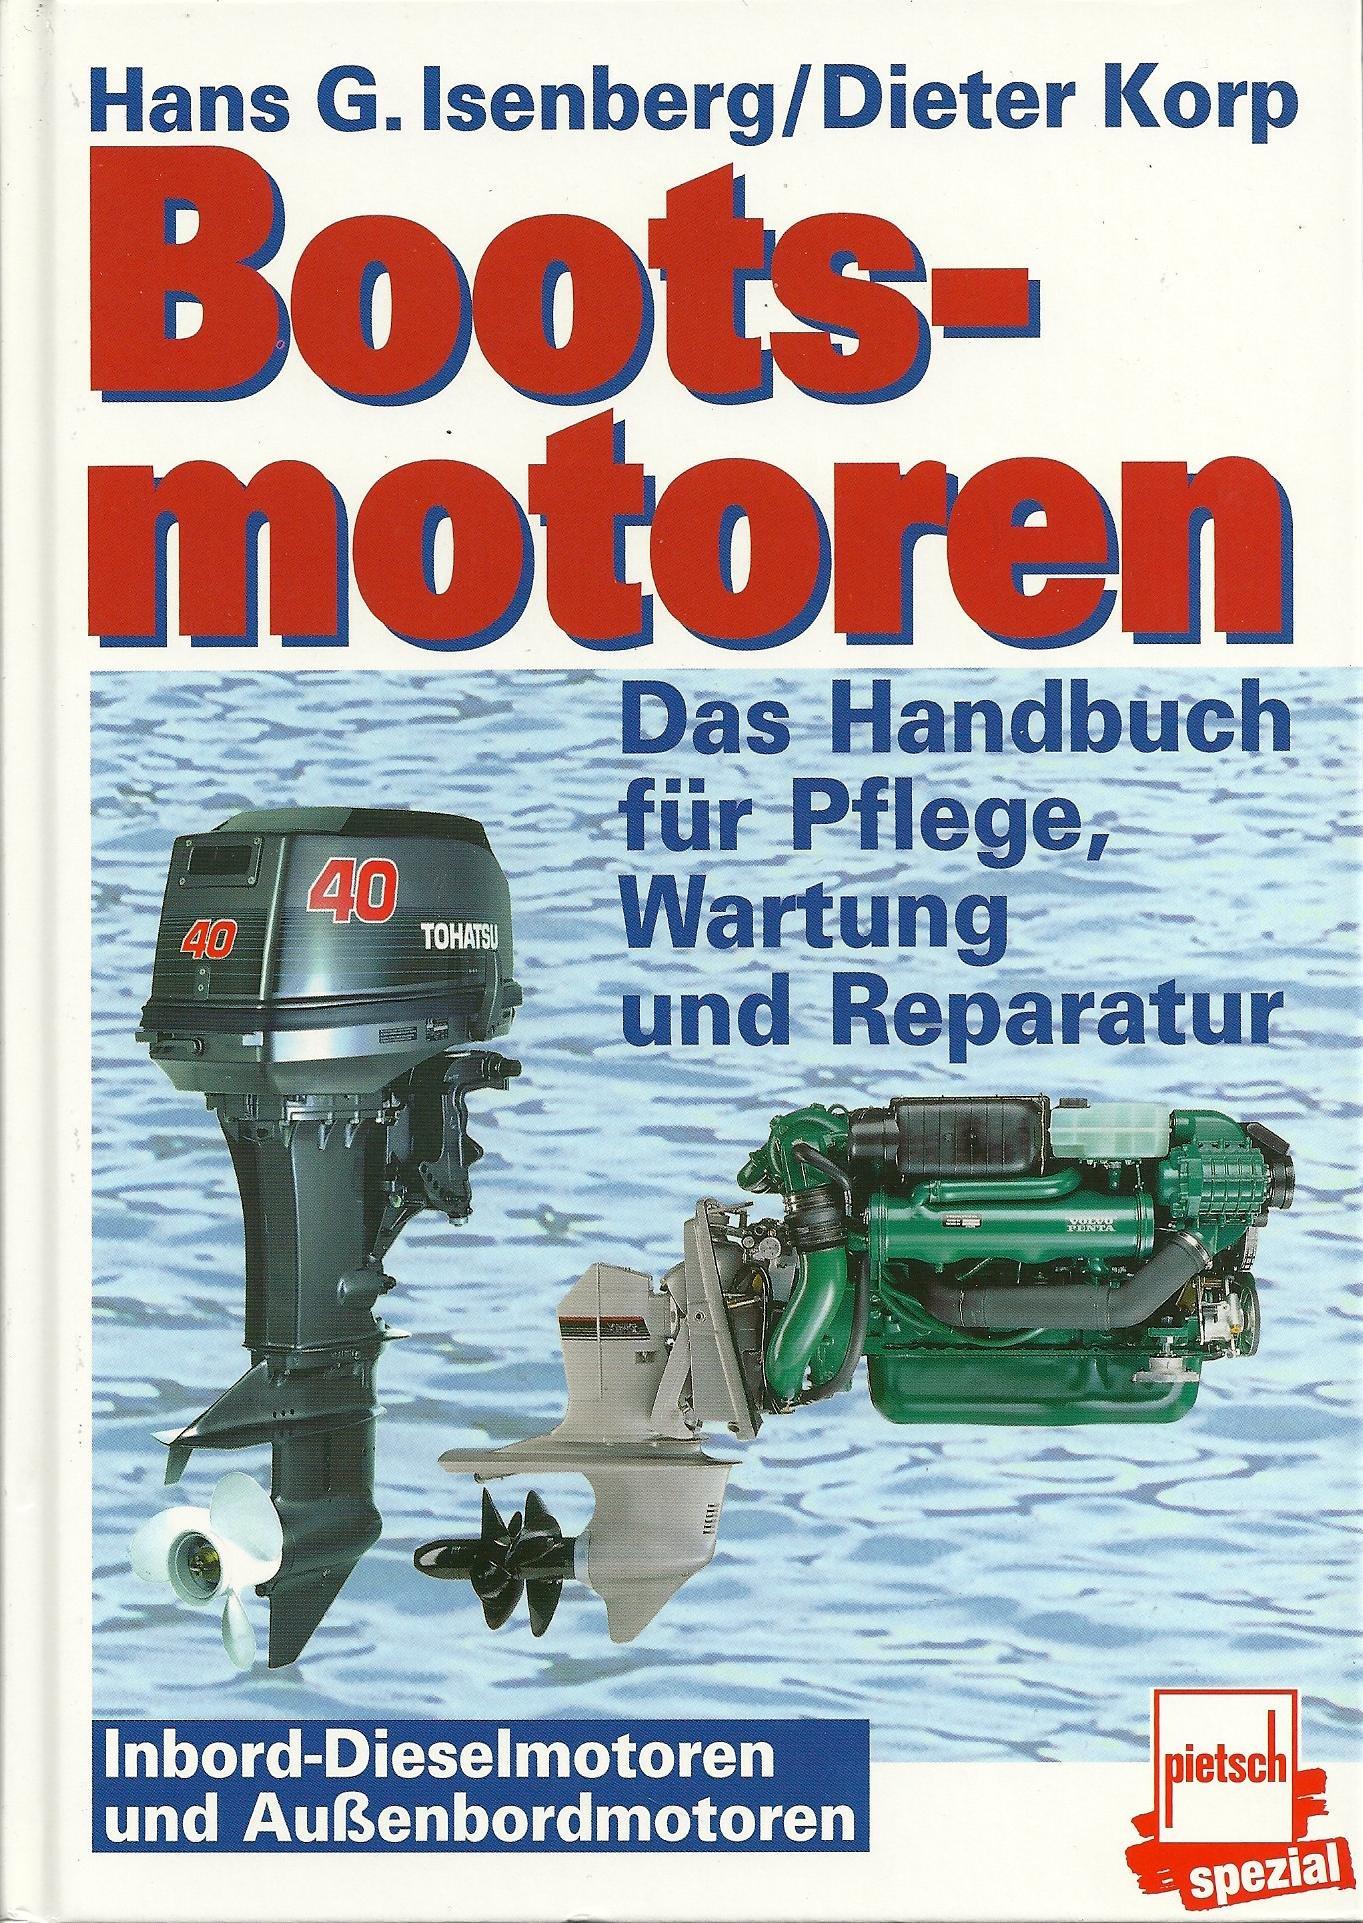 Bootsmotoren: Inbord-Dieselmotoren und Aussenbordmotoren. Das Handbuch für Pflege, Wartung und Reparatur